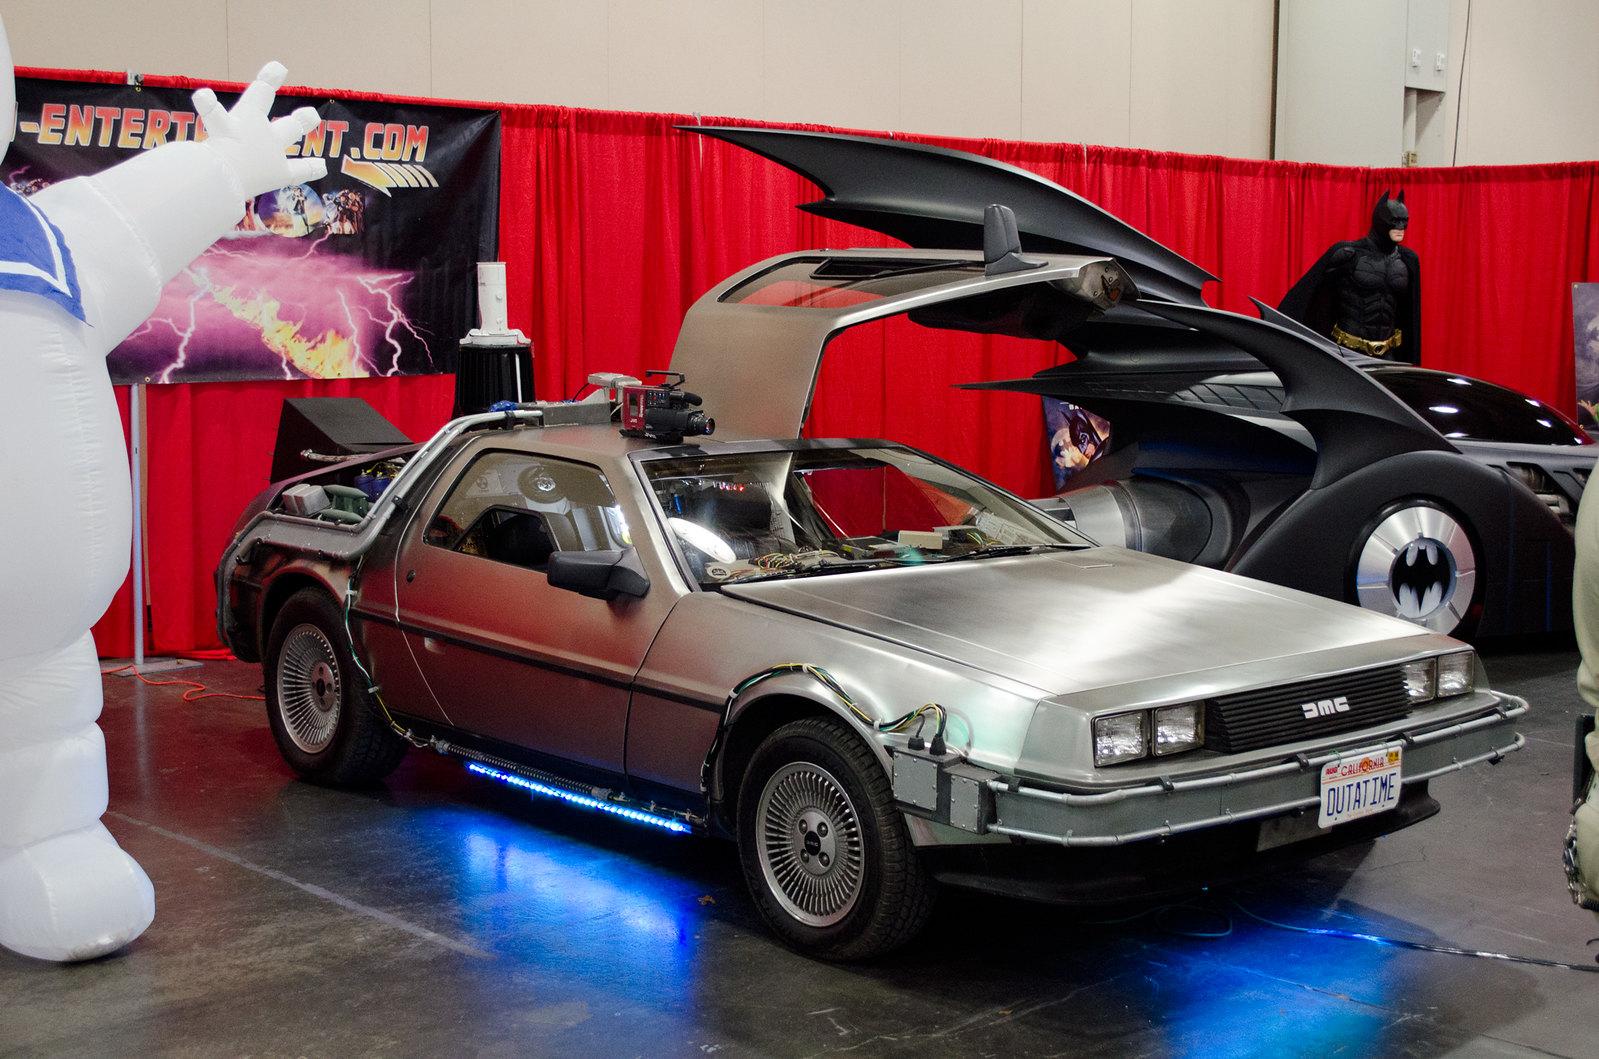 NYCC Back to the Future DeLorean